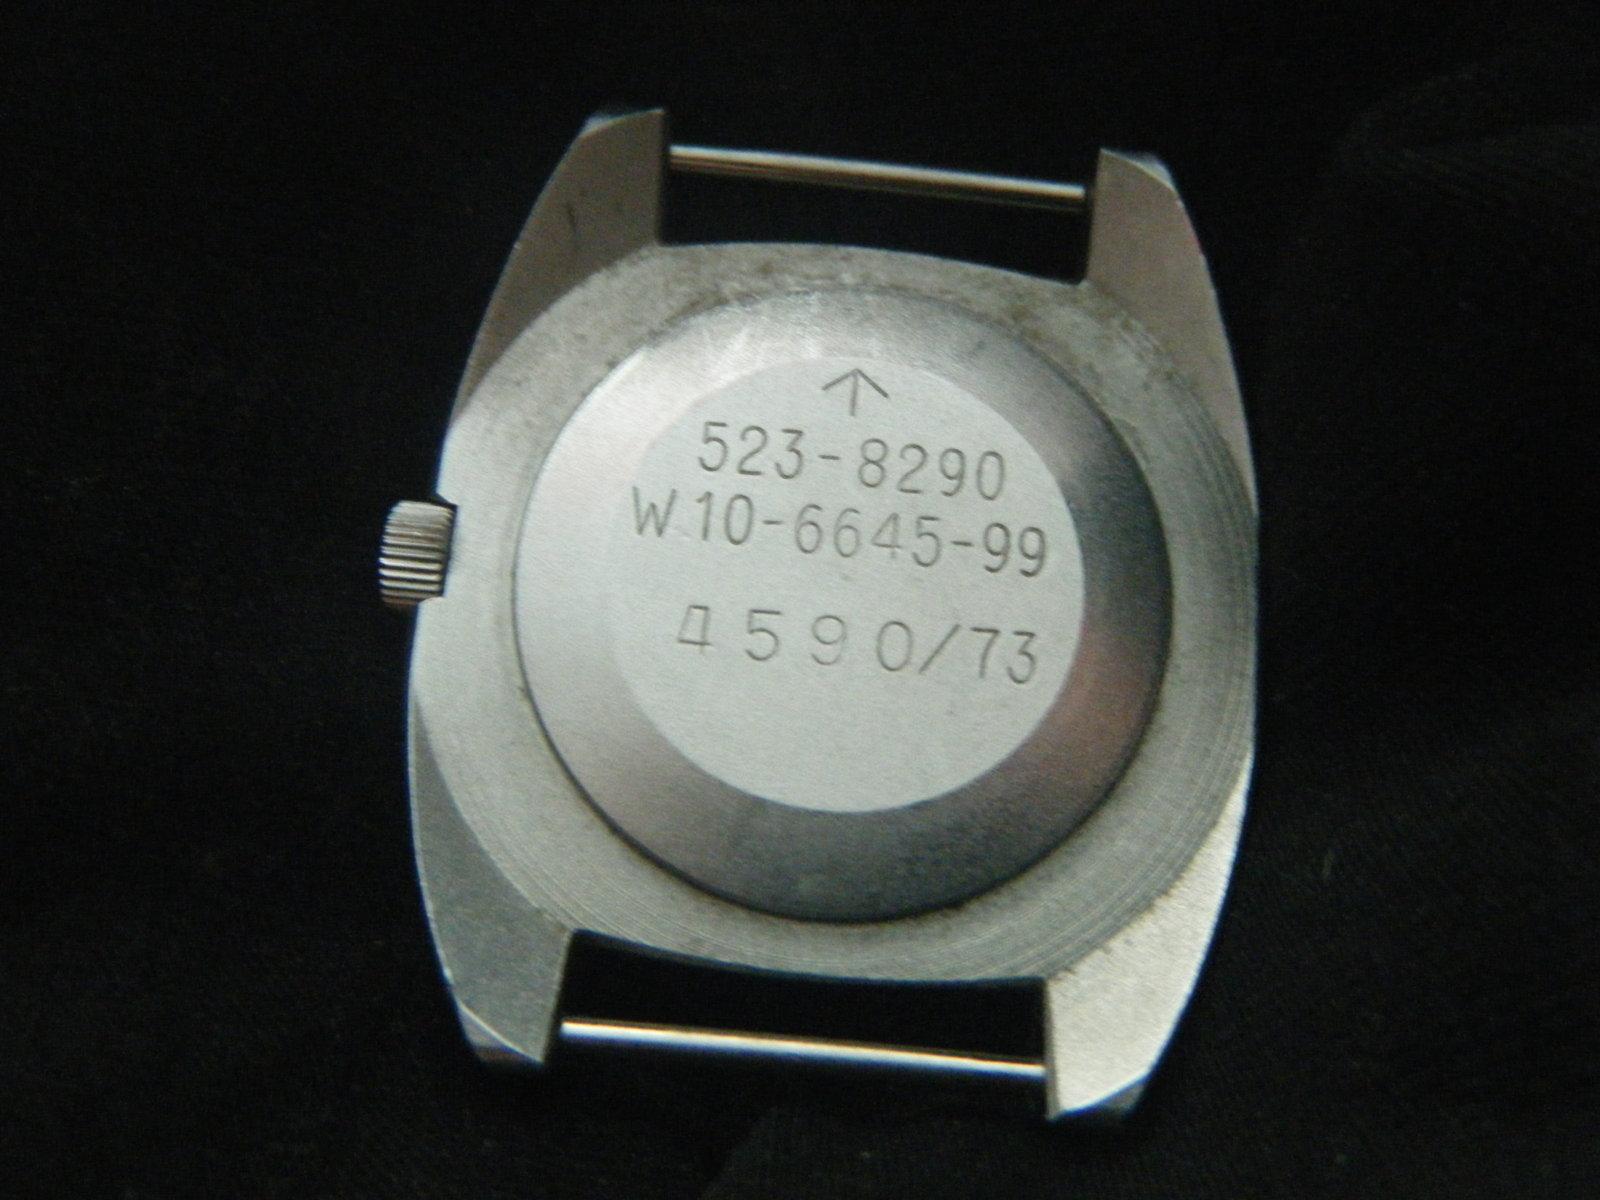 DSCF1266.JPG